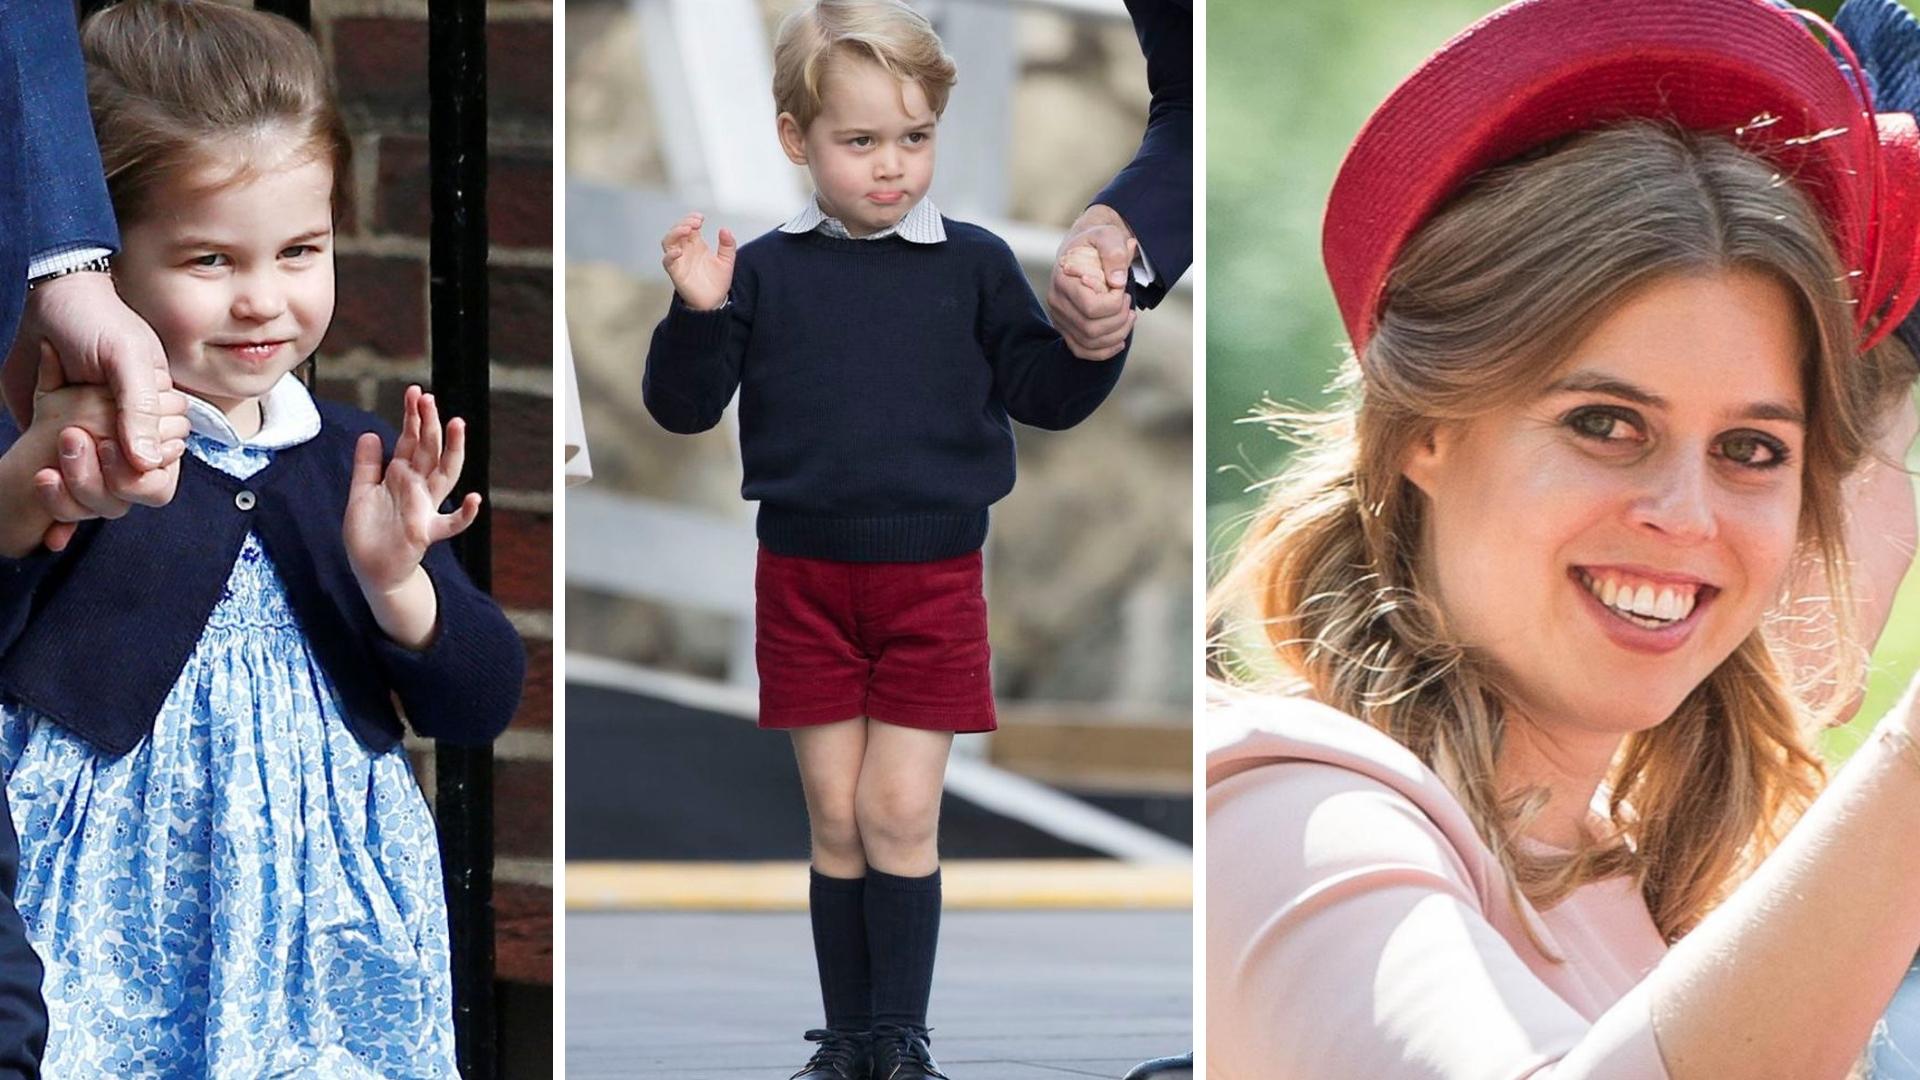 Na ŚLUBIE księżniczki Eugenii dzieci Kate Middleton będą miały TRUDNE zadanie